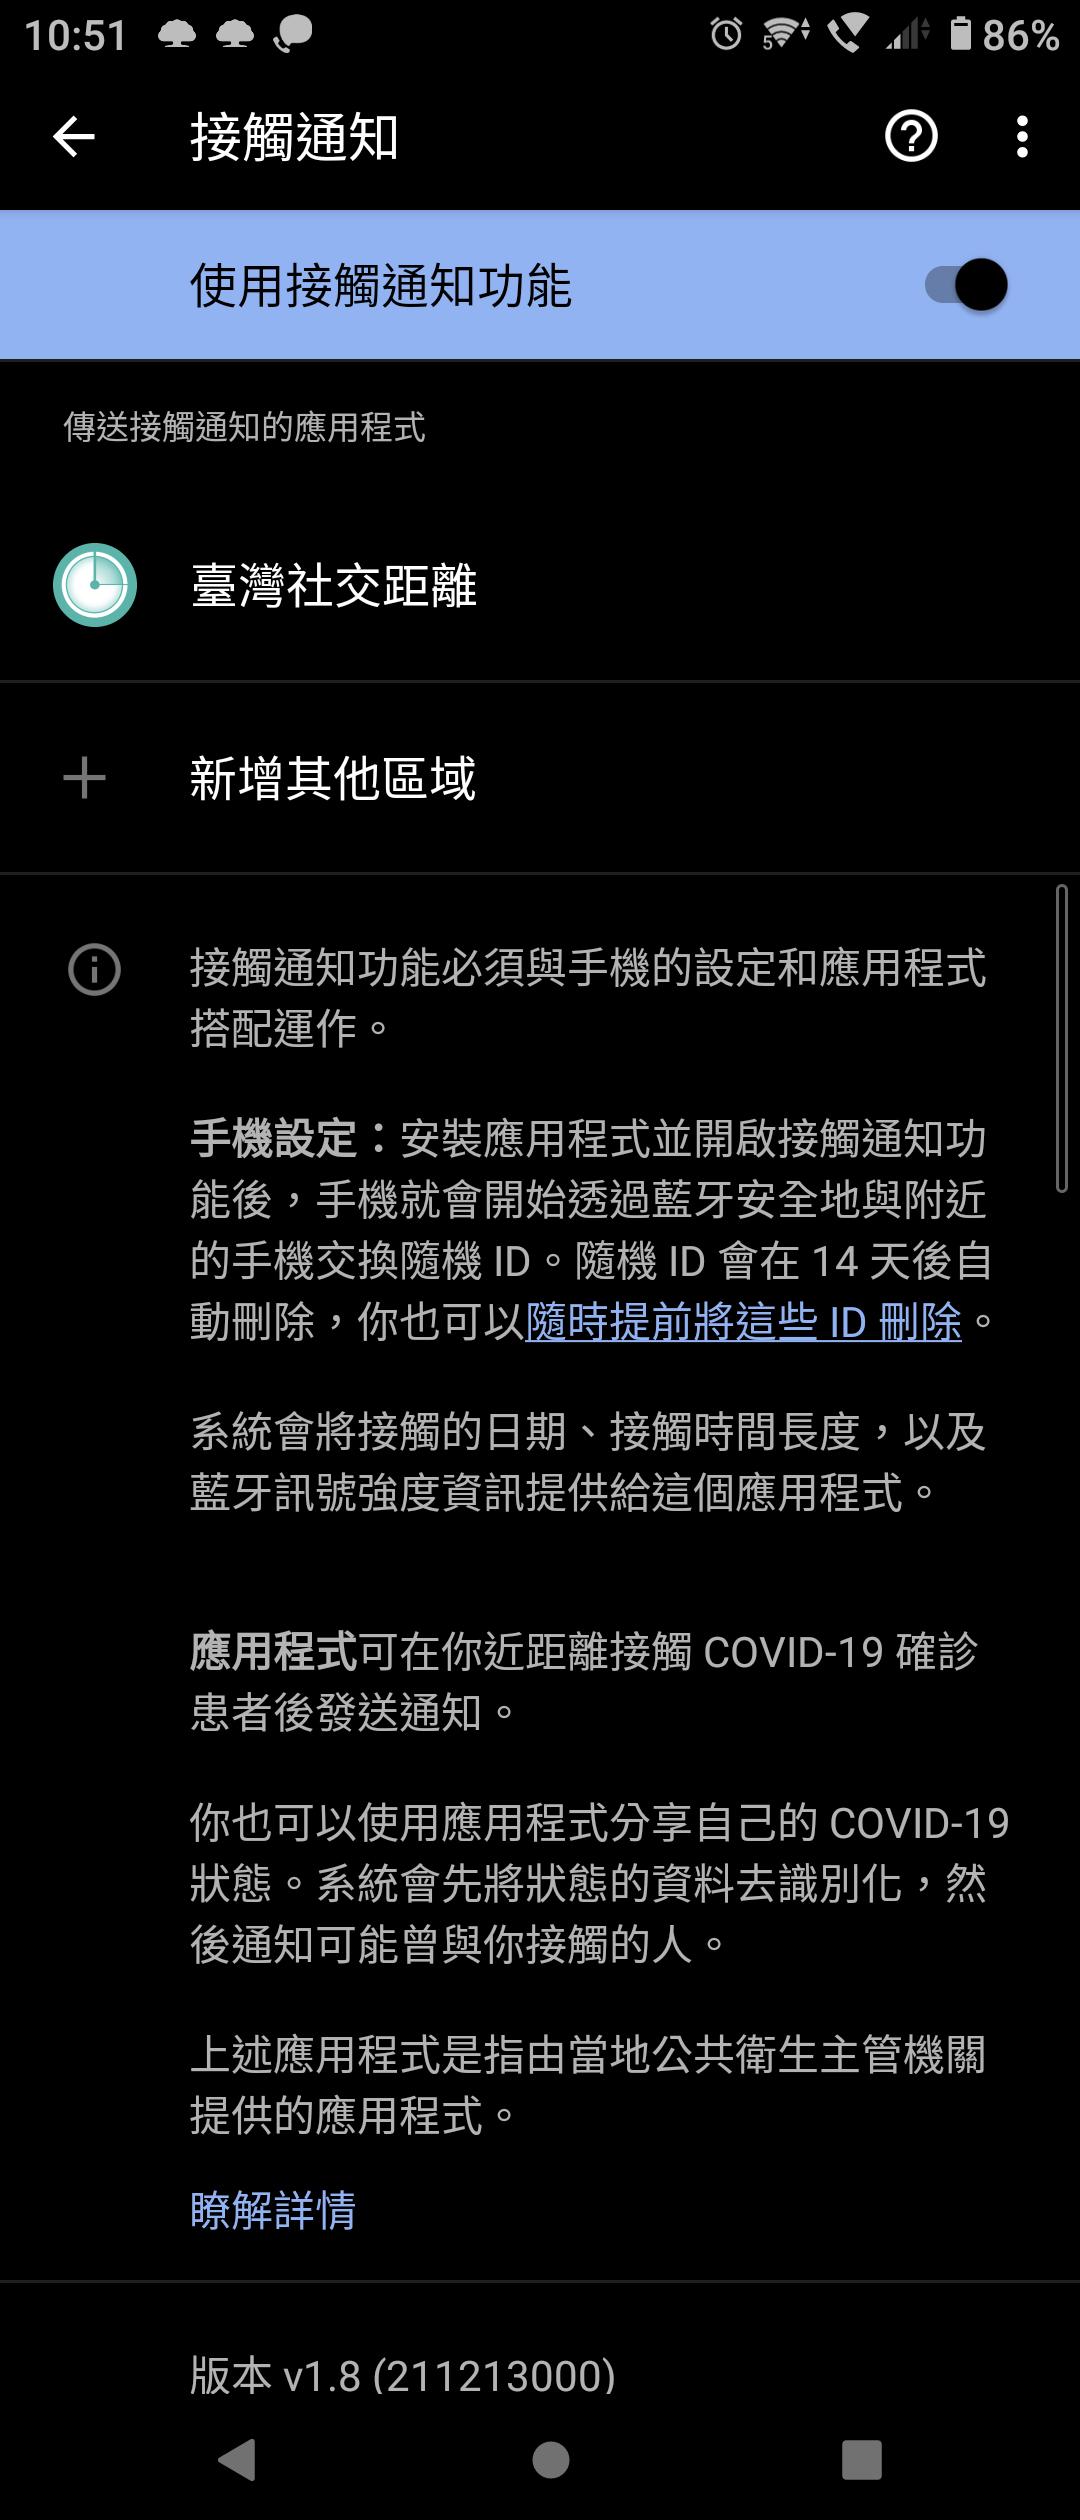 啟用科技防疫!台灣社交距離 APP 快速上手  - 8